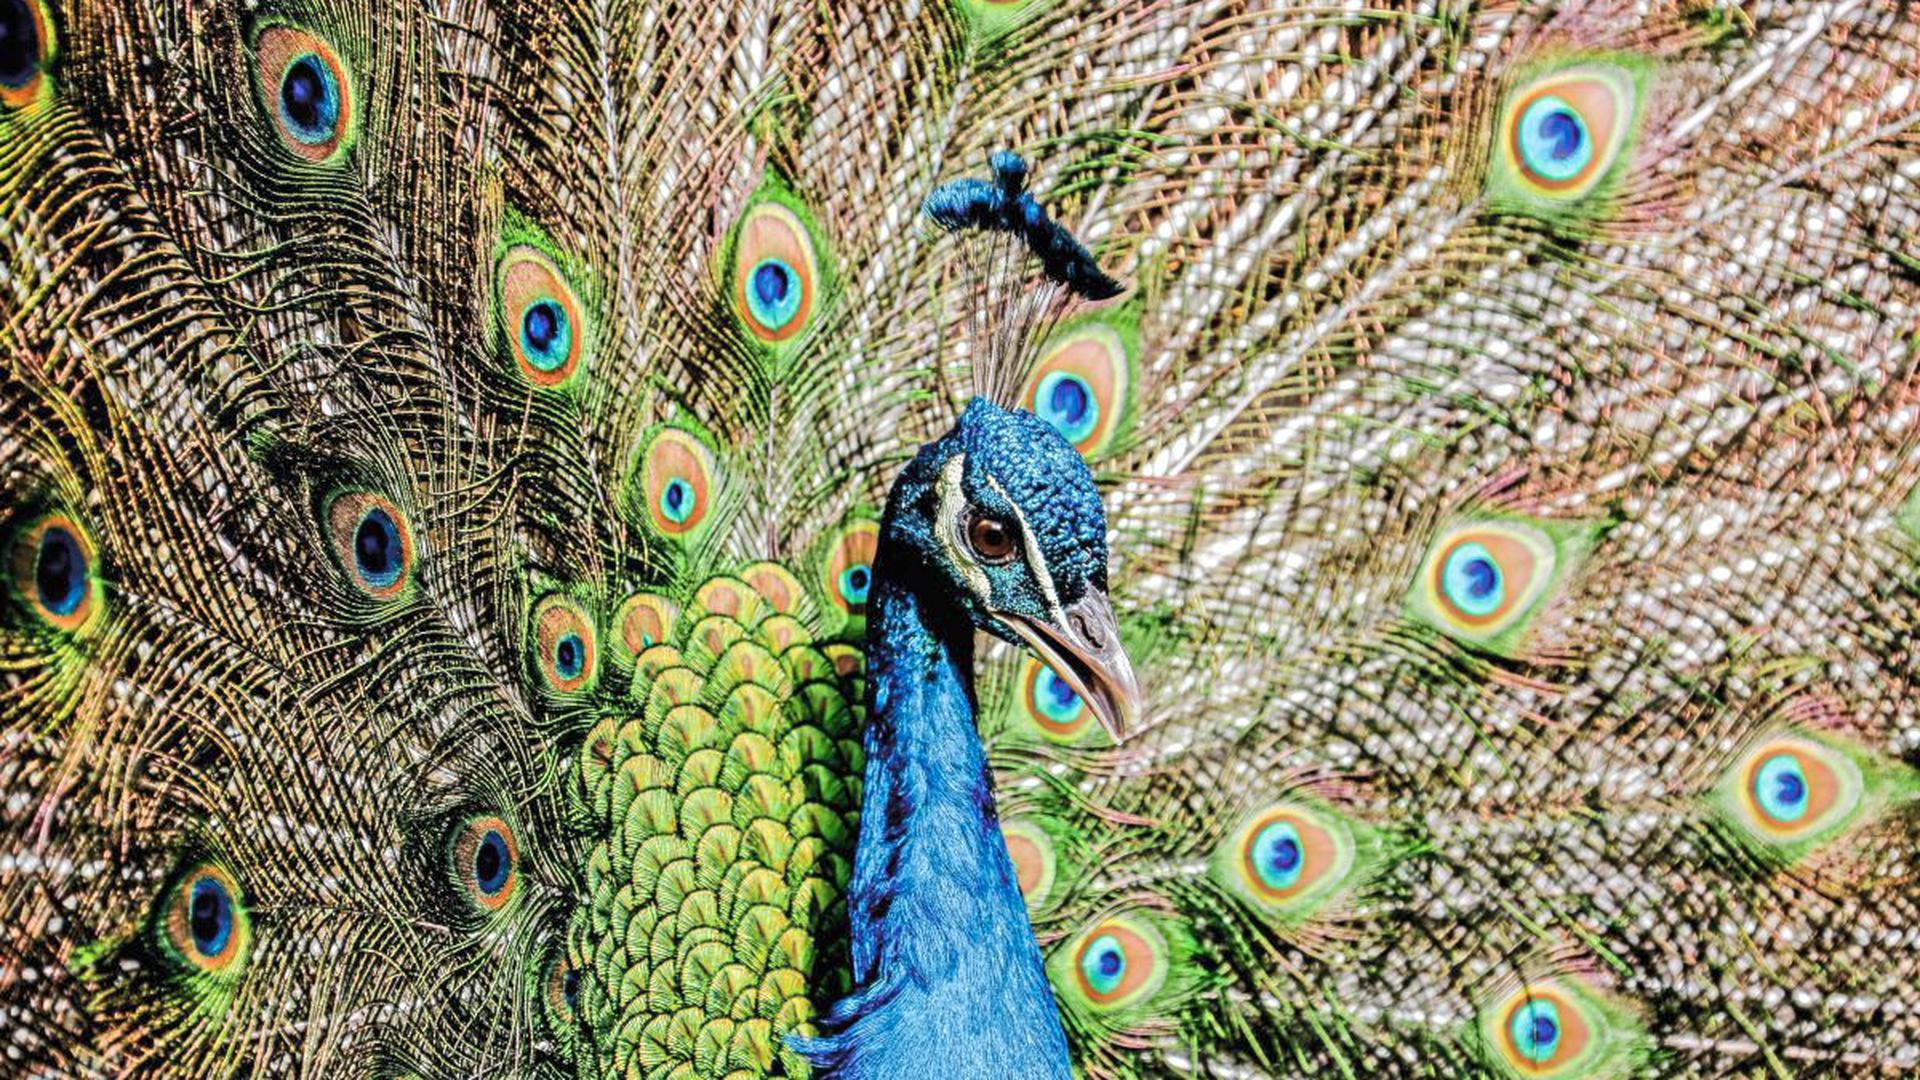 Auch wenn derzeit keine Besucher in den Brettener Tierpark dürfen, präsentieren die Pfaue ihre leuchtenden Federkleider und versuchen damit im Gehege ihre Mitbewohner wie die Maras, Nandus und Hühner zu beeindrucken.